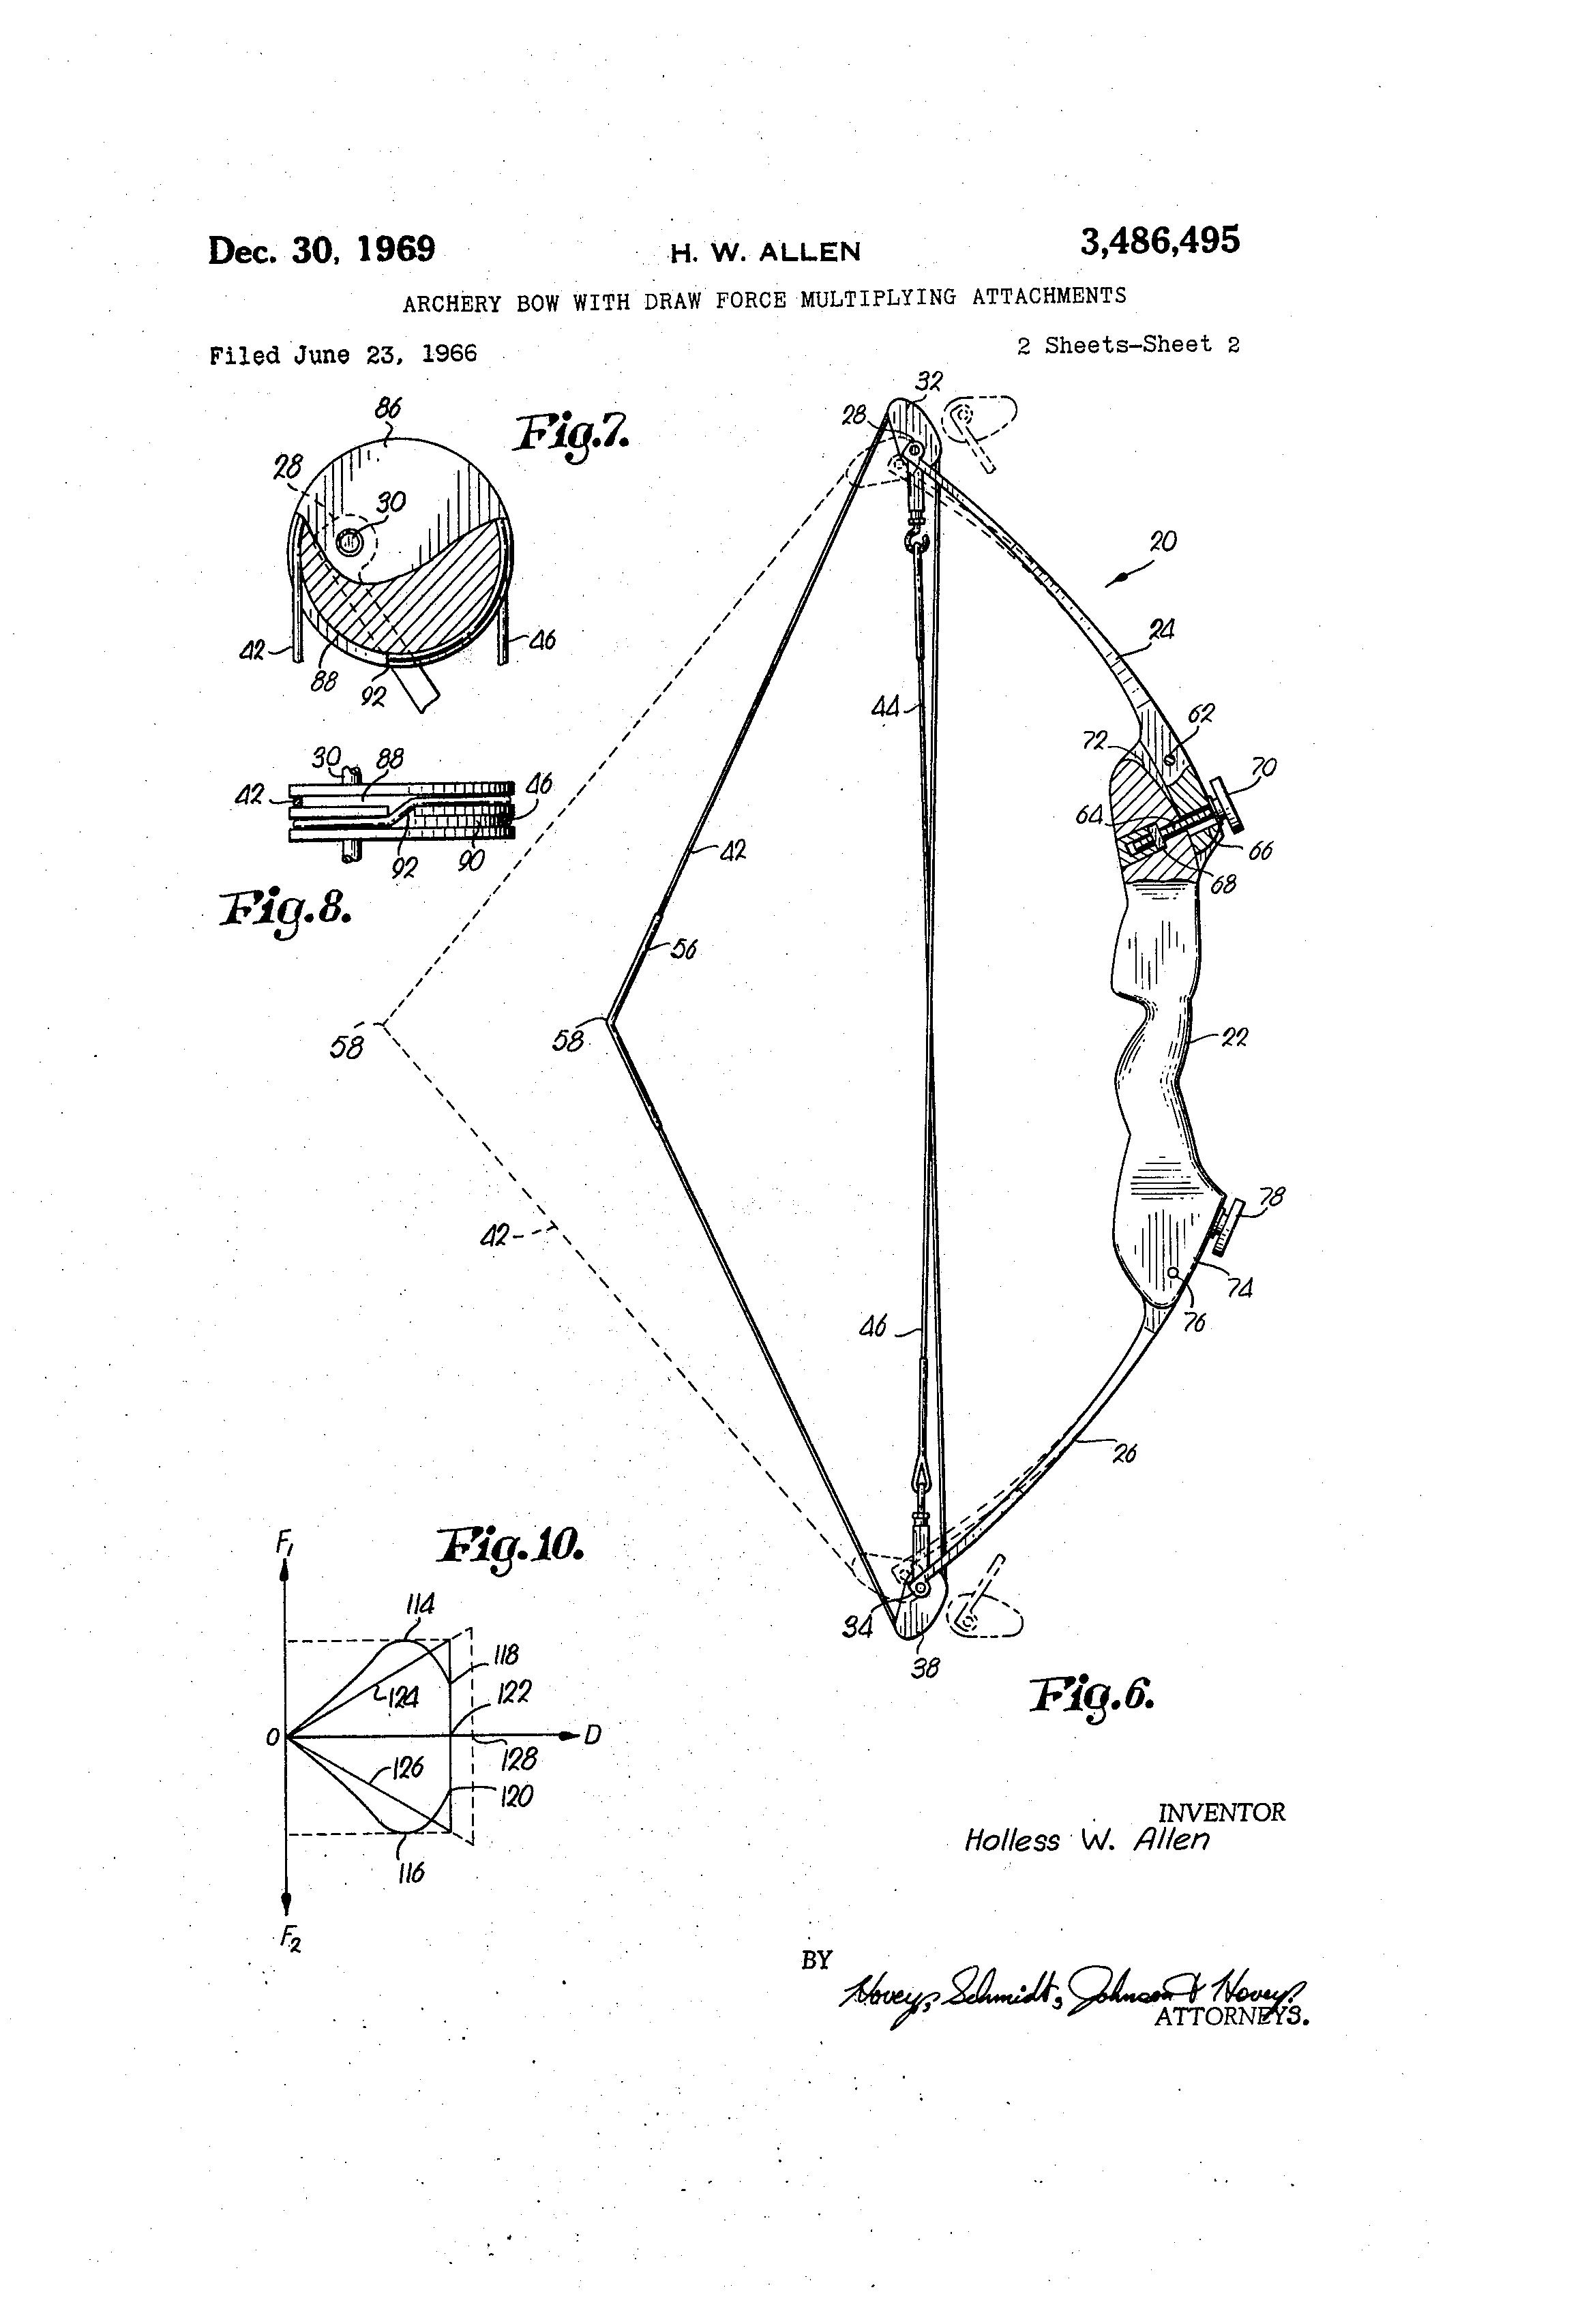 Bild-Link zur technischen Zeichnung eines Compoundbogens für die Patent-Anmeldung.